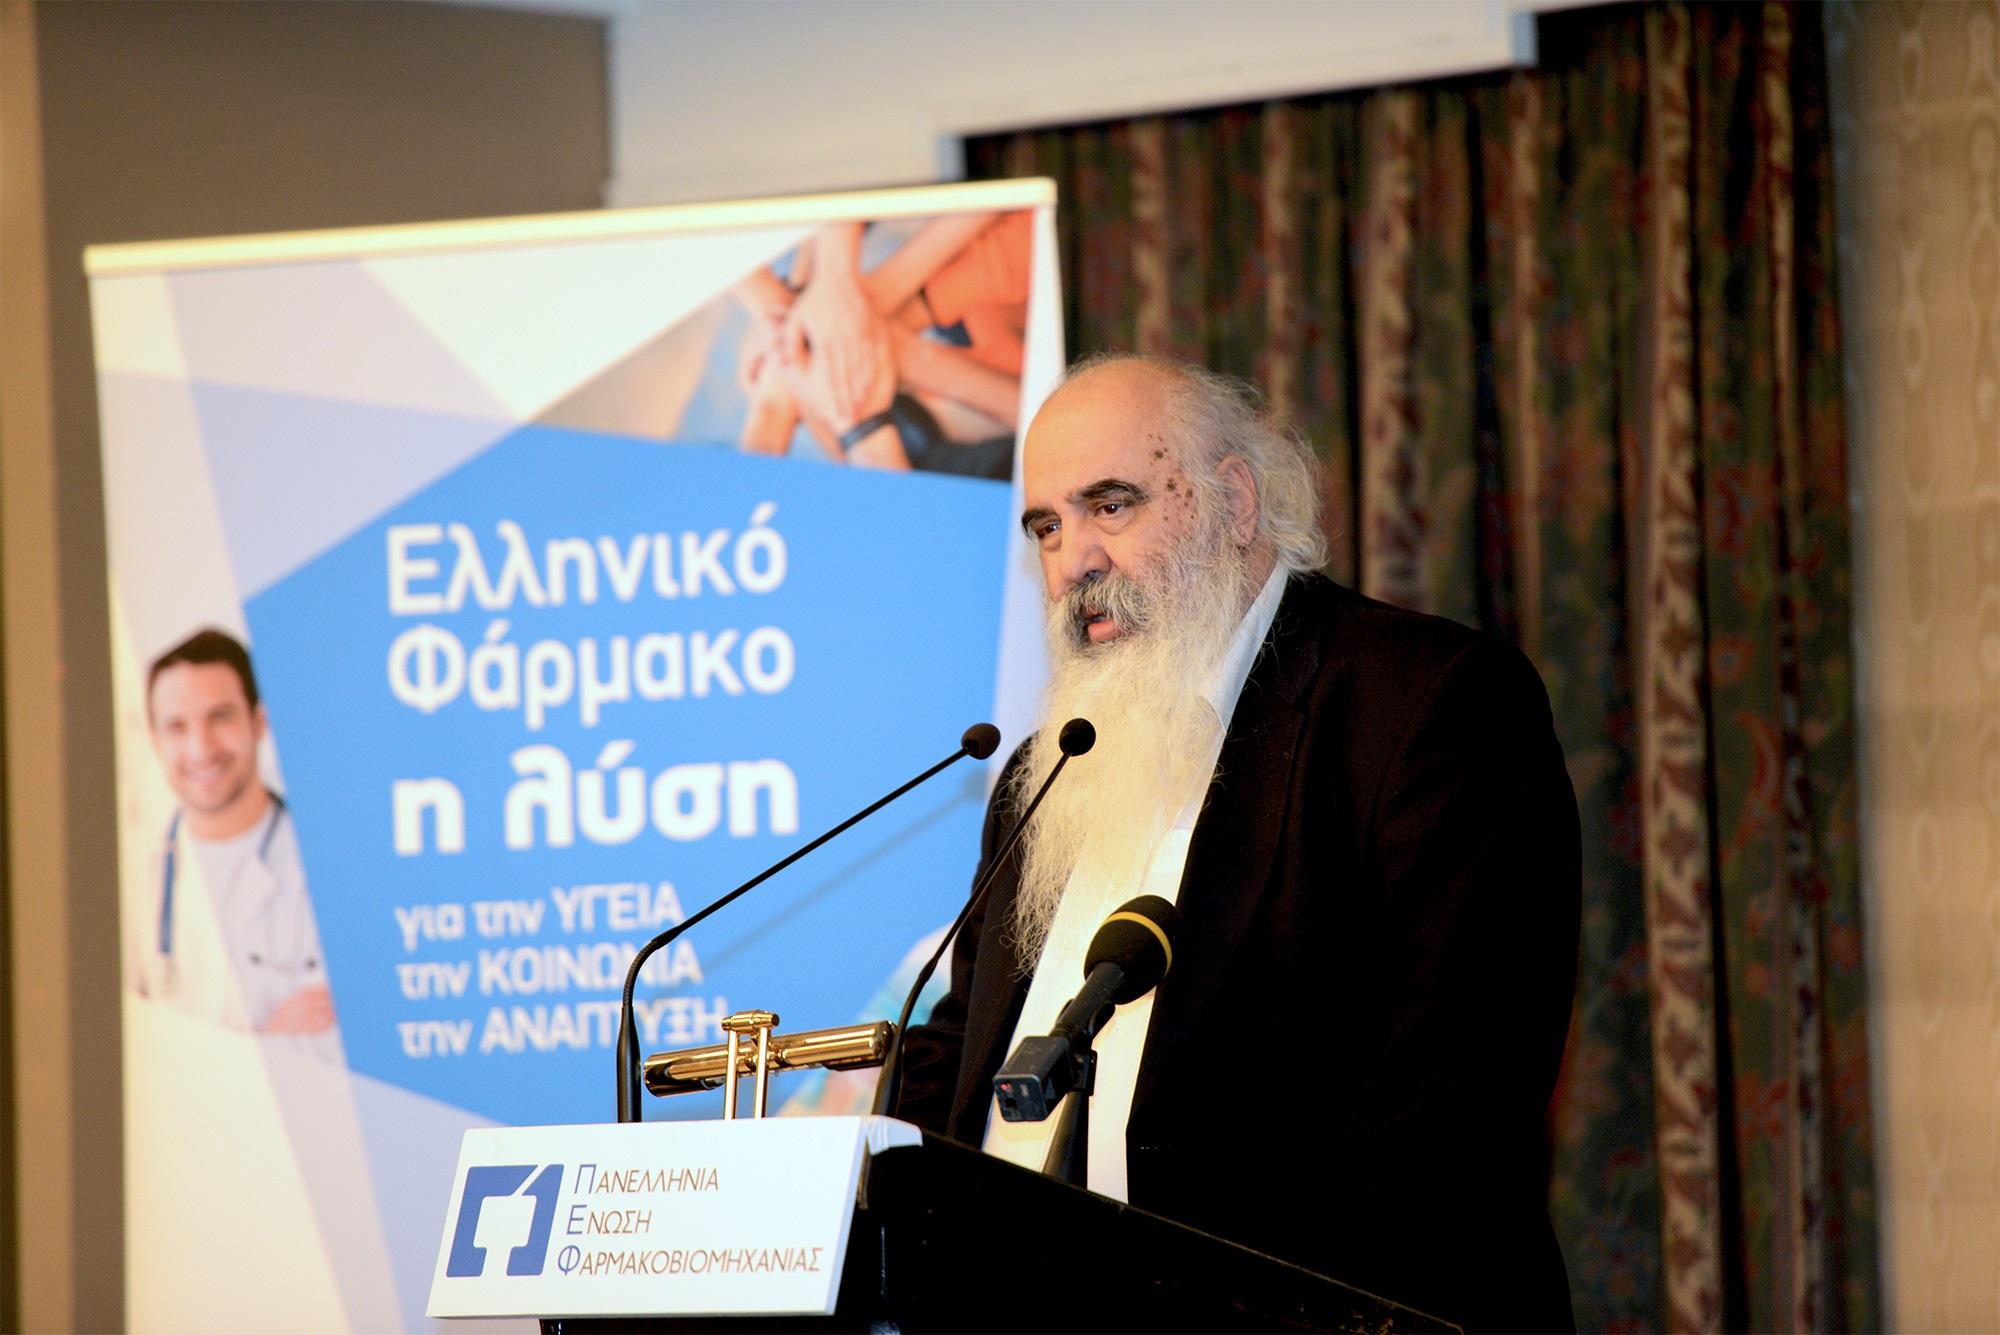 Π.Γιαννουλάτος αποκλειστικά στο HealthReport.gr: Πως θα διορίσουμε τους διοικητές στα Νοσοκομεία! Όλη η διαδικασία